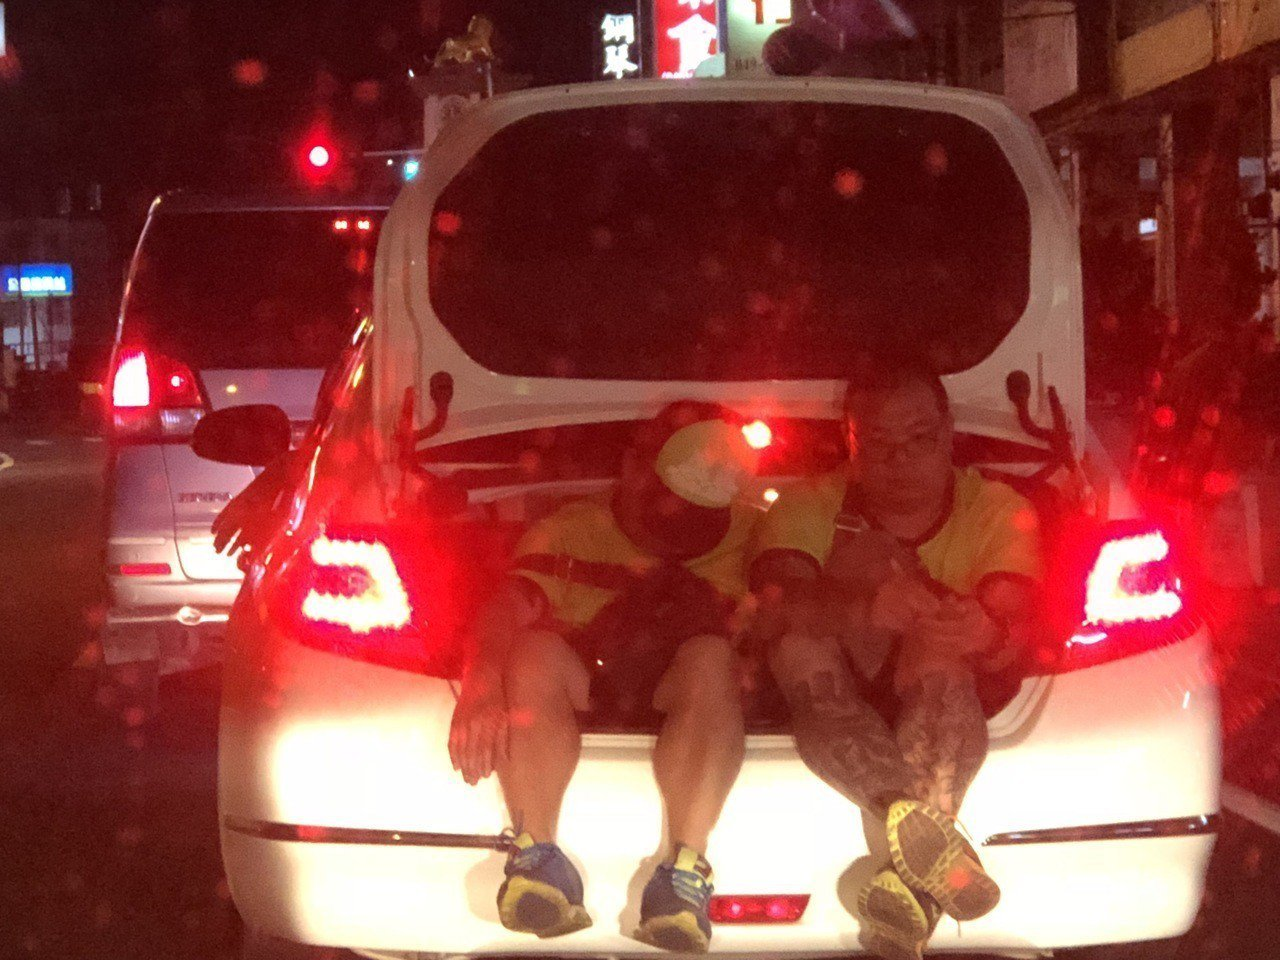 兩名男子將轎車行李廂當特別座逛南投市區,引起民眾側目。圖/張姓讀者提供